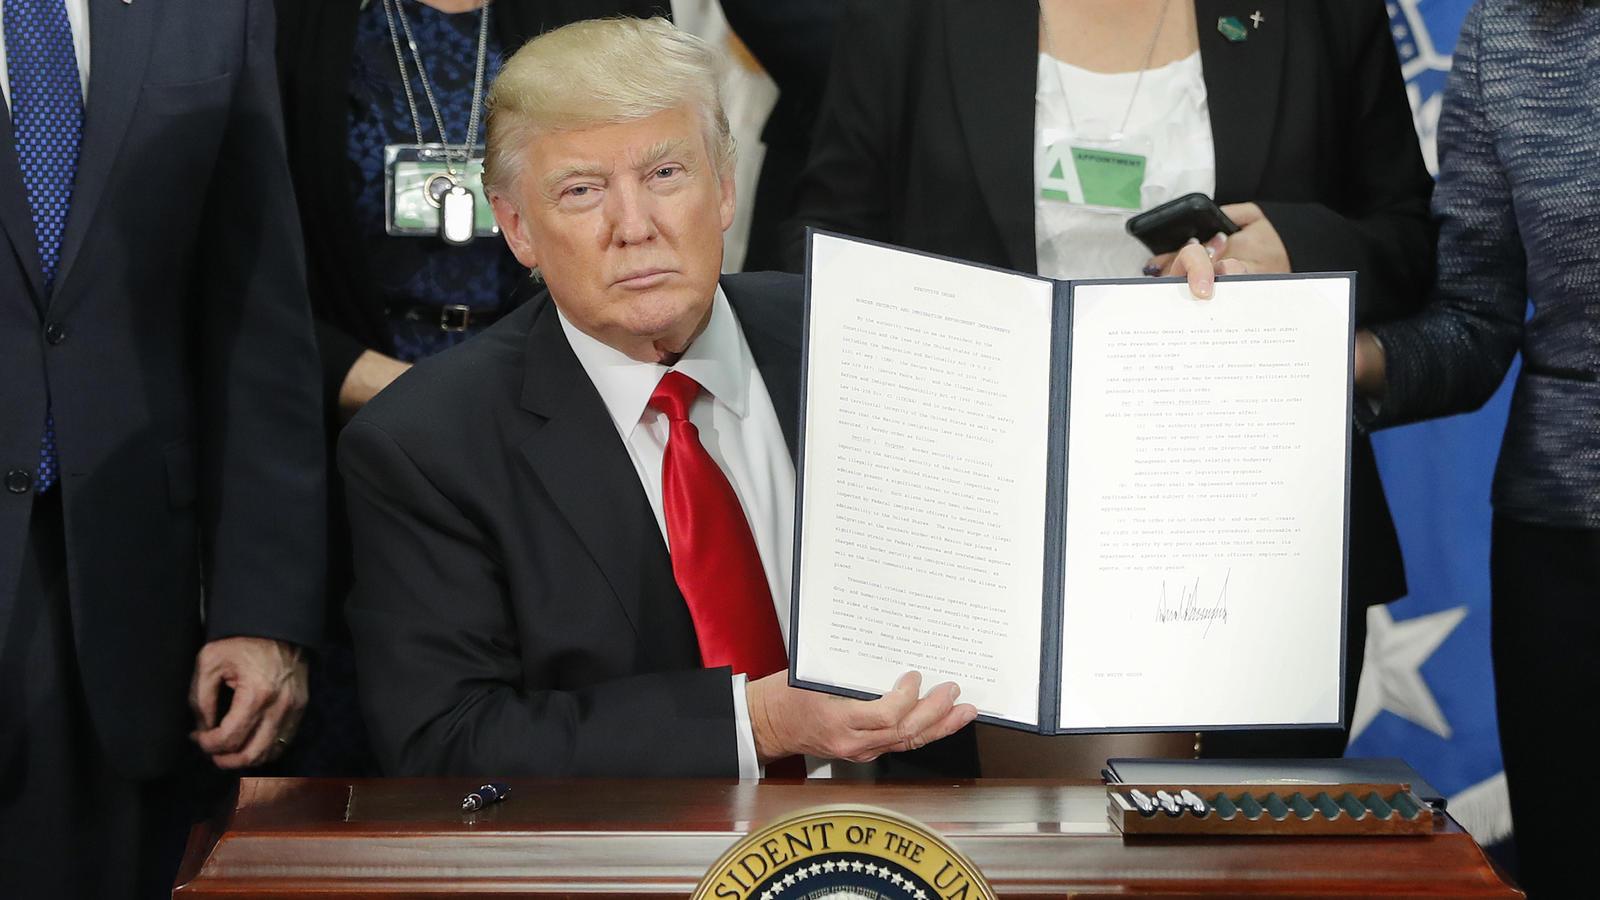 Oberstes US-Gericht lässt Trumps Einreiseverbot bis Oktober teilweise zu